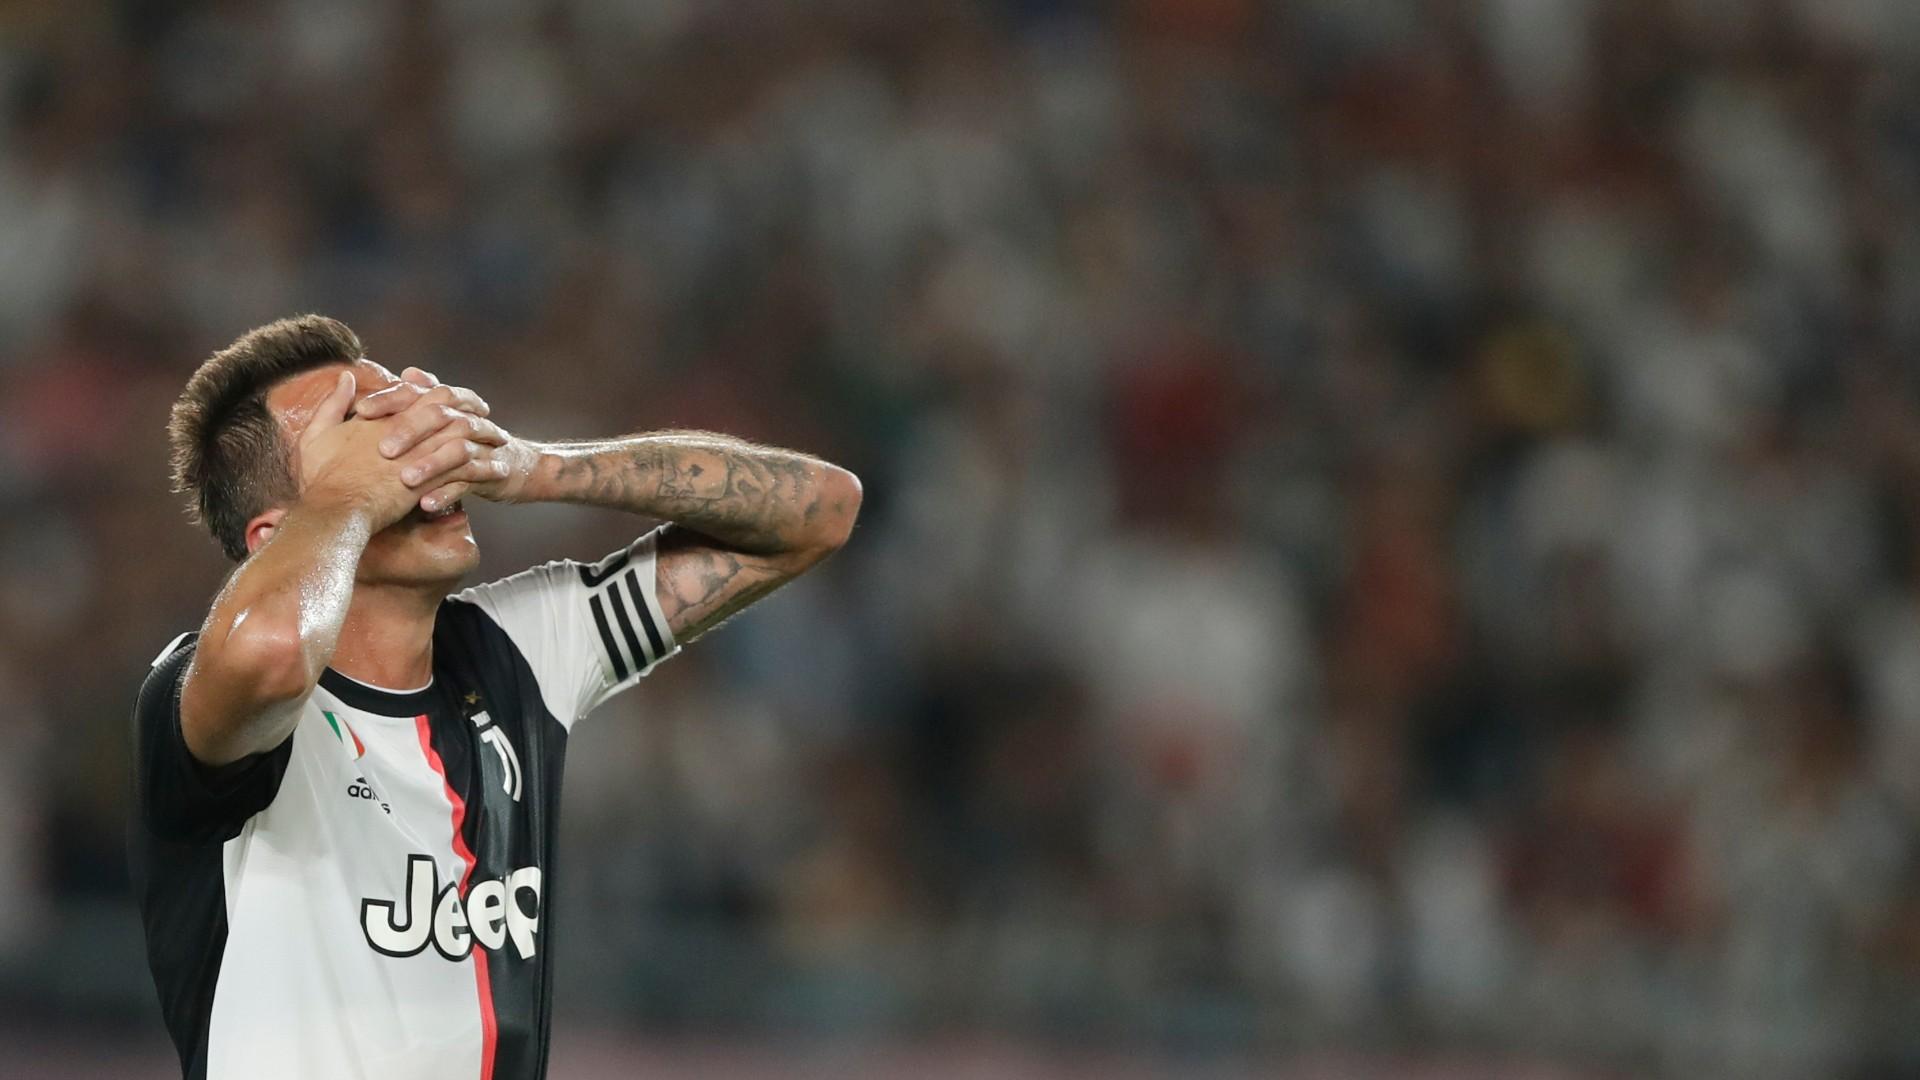 Calciomercato Juventus, Mandzukic non andrà in Qatar: affare saltato